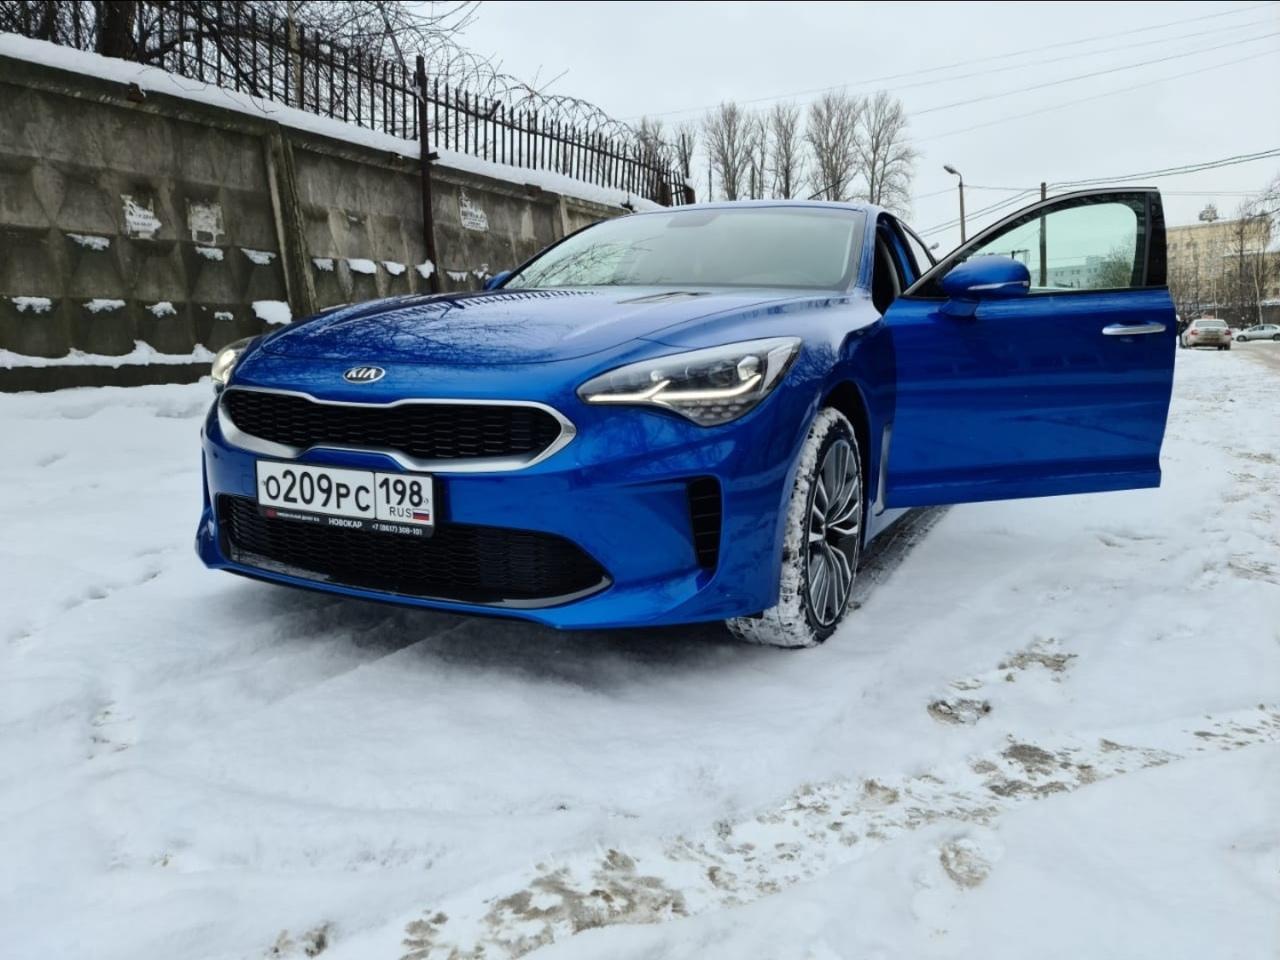 28 июня в Выборгском районе с Политехнической улицы от дома 6 был угнан автомобиль Kia Stinger синег...